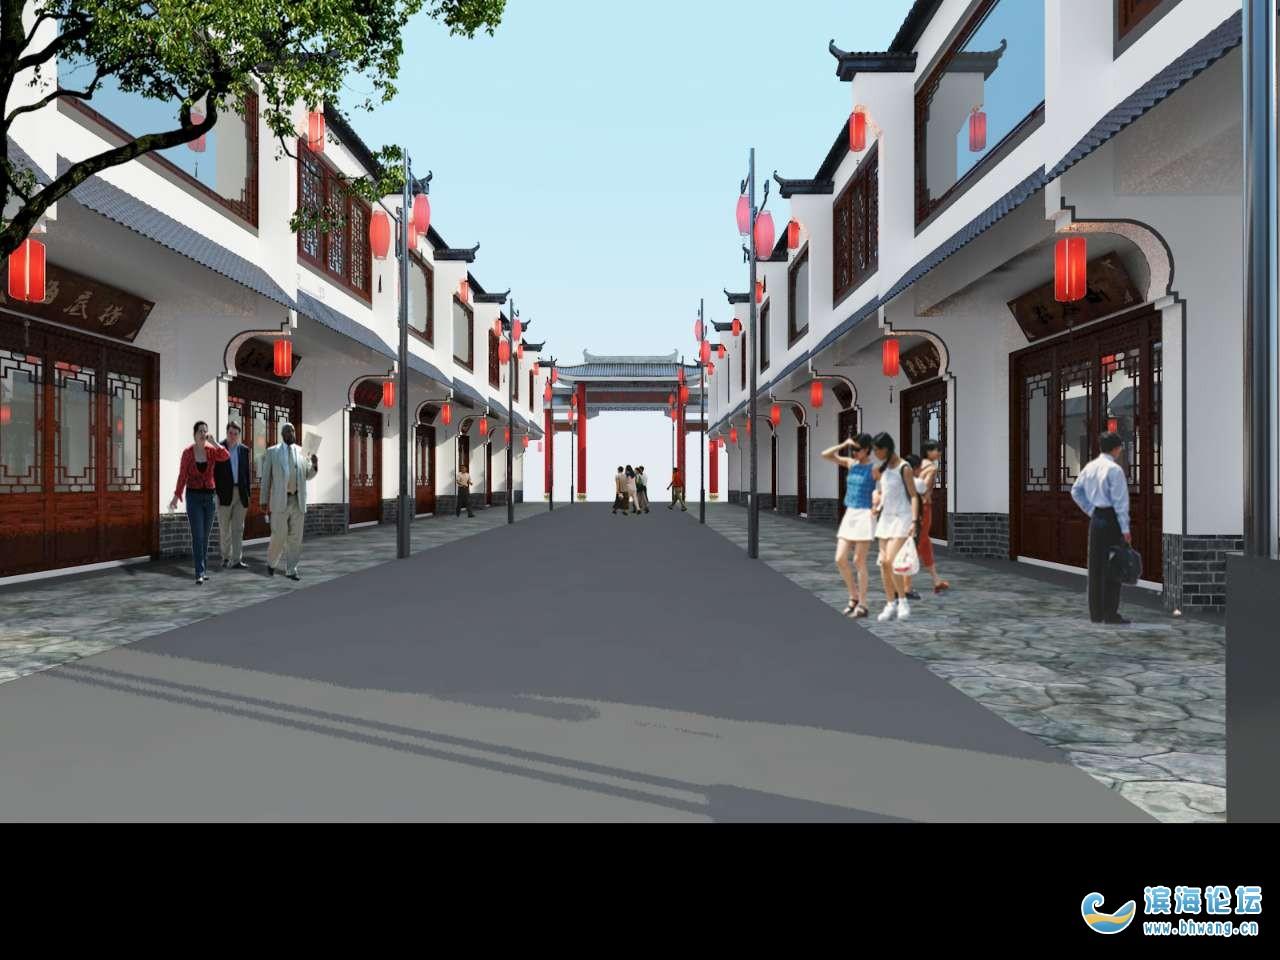 滨海县,八巨镇,前案村,规划,太好,太漂亮了